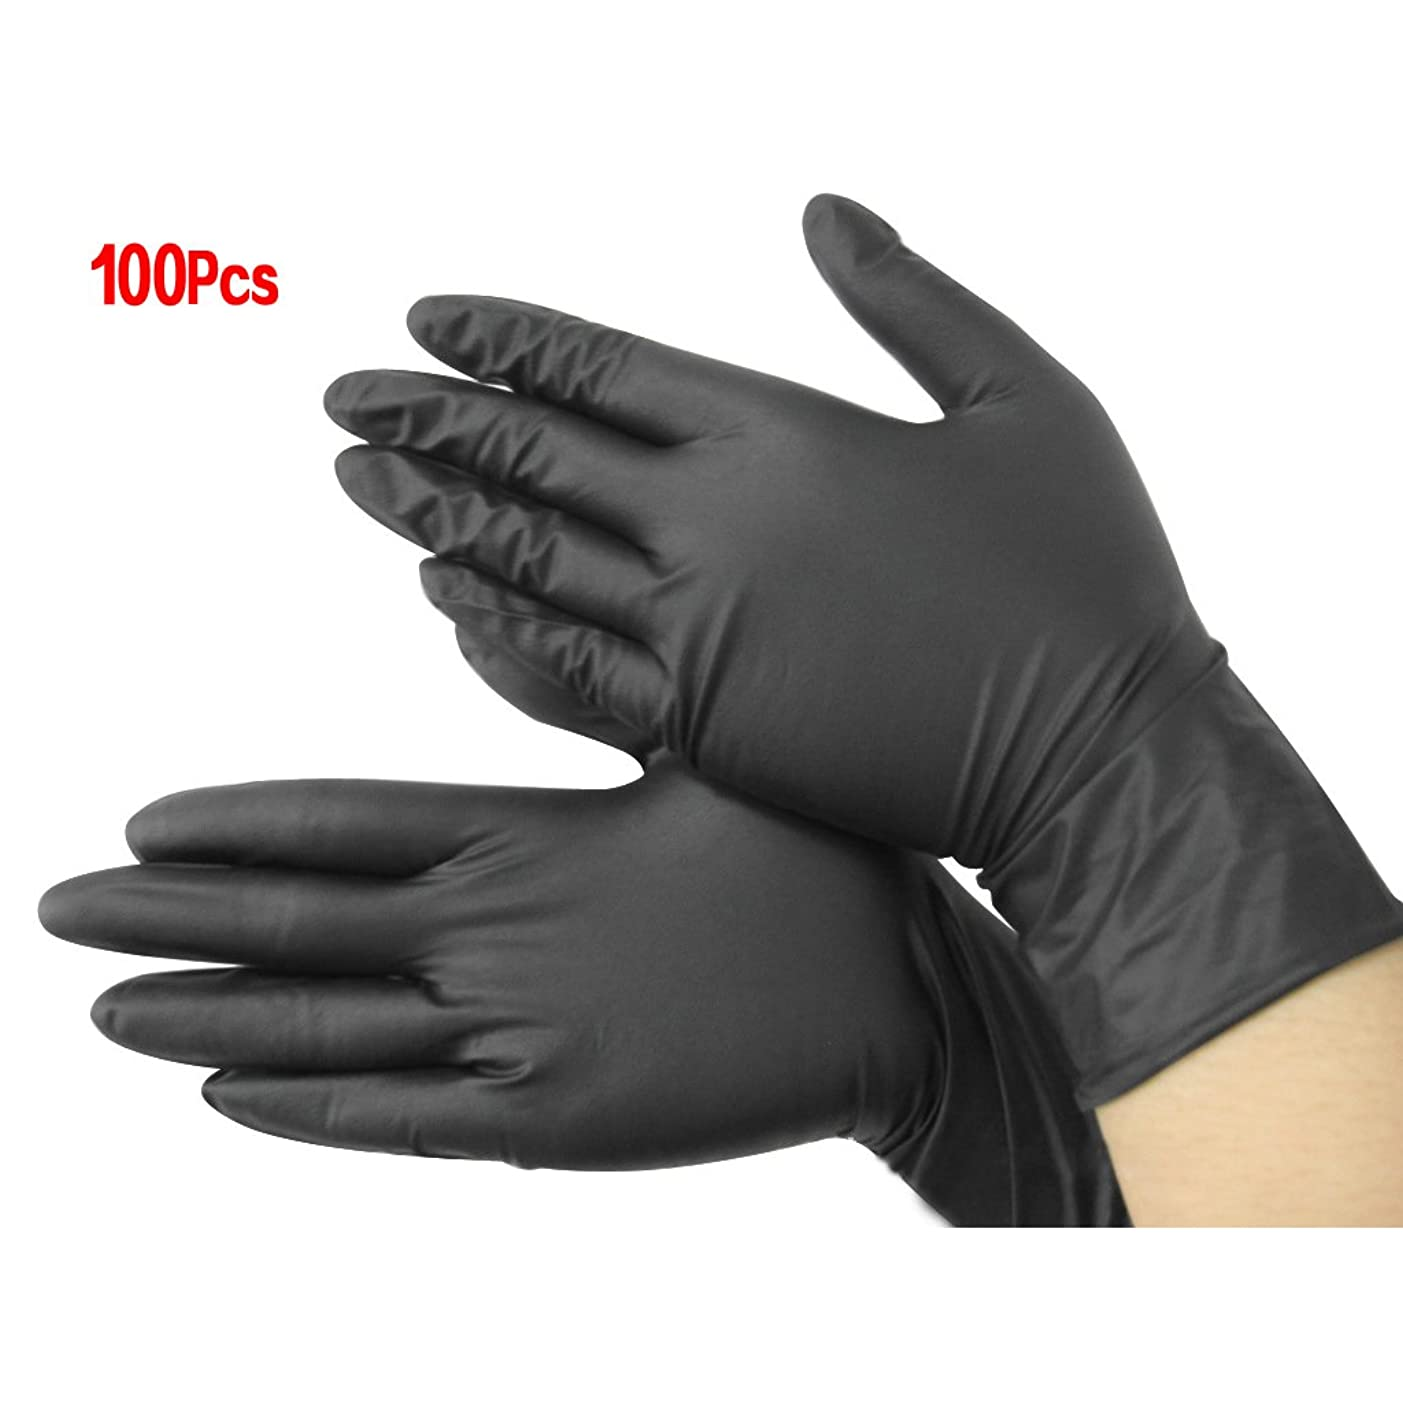 原理息切れクリーナー手袋,SODIAL(R)黒いニトリル使い捨てクール手袋 パワーフリーX100 - 入れ墨 - メカニック 新しい